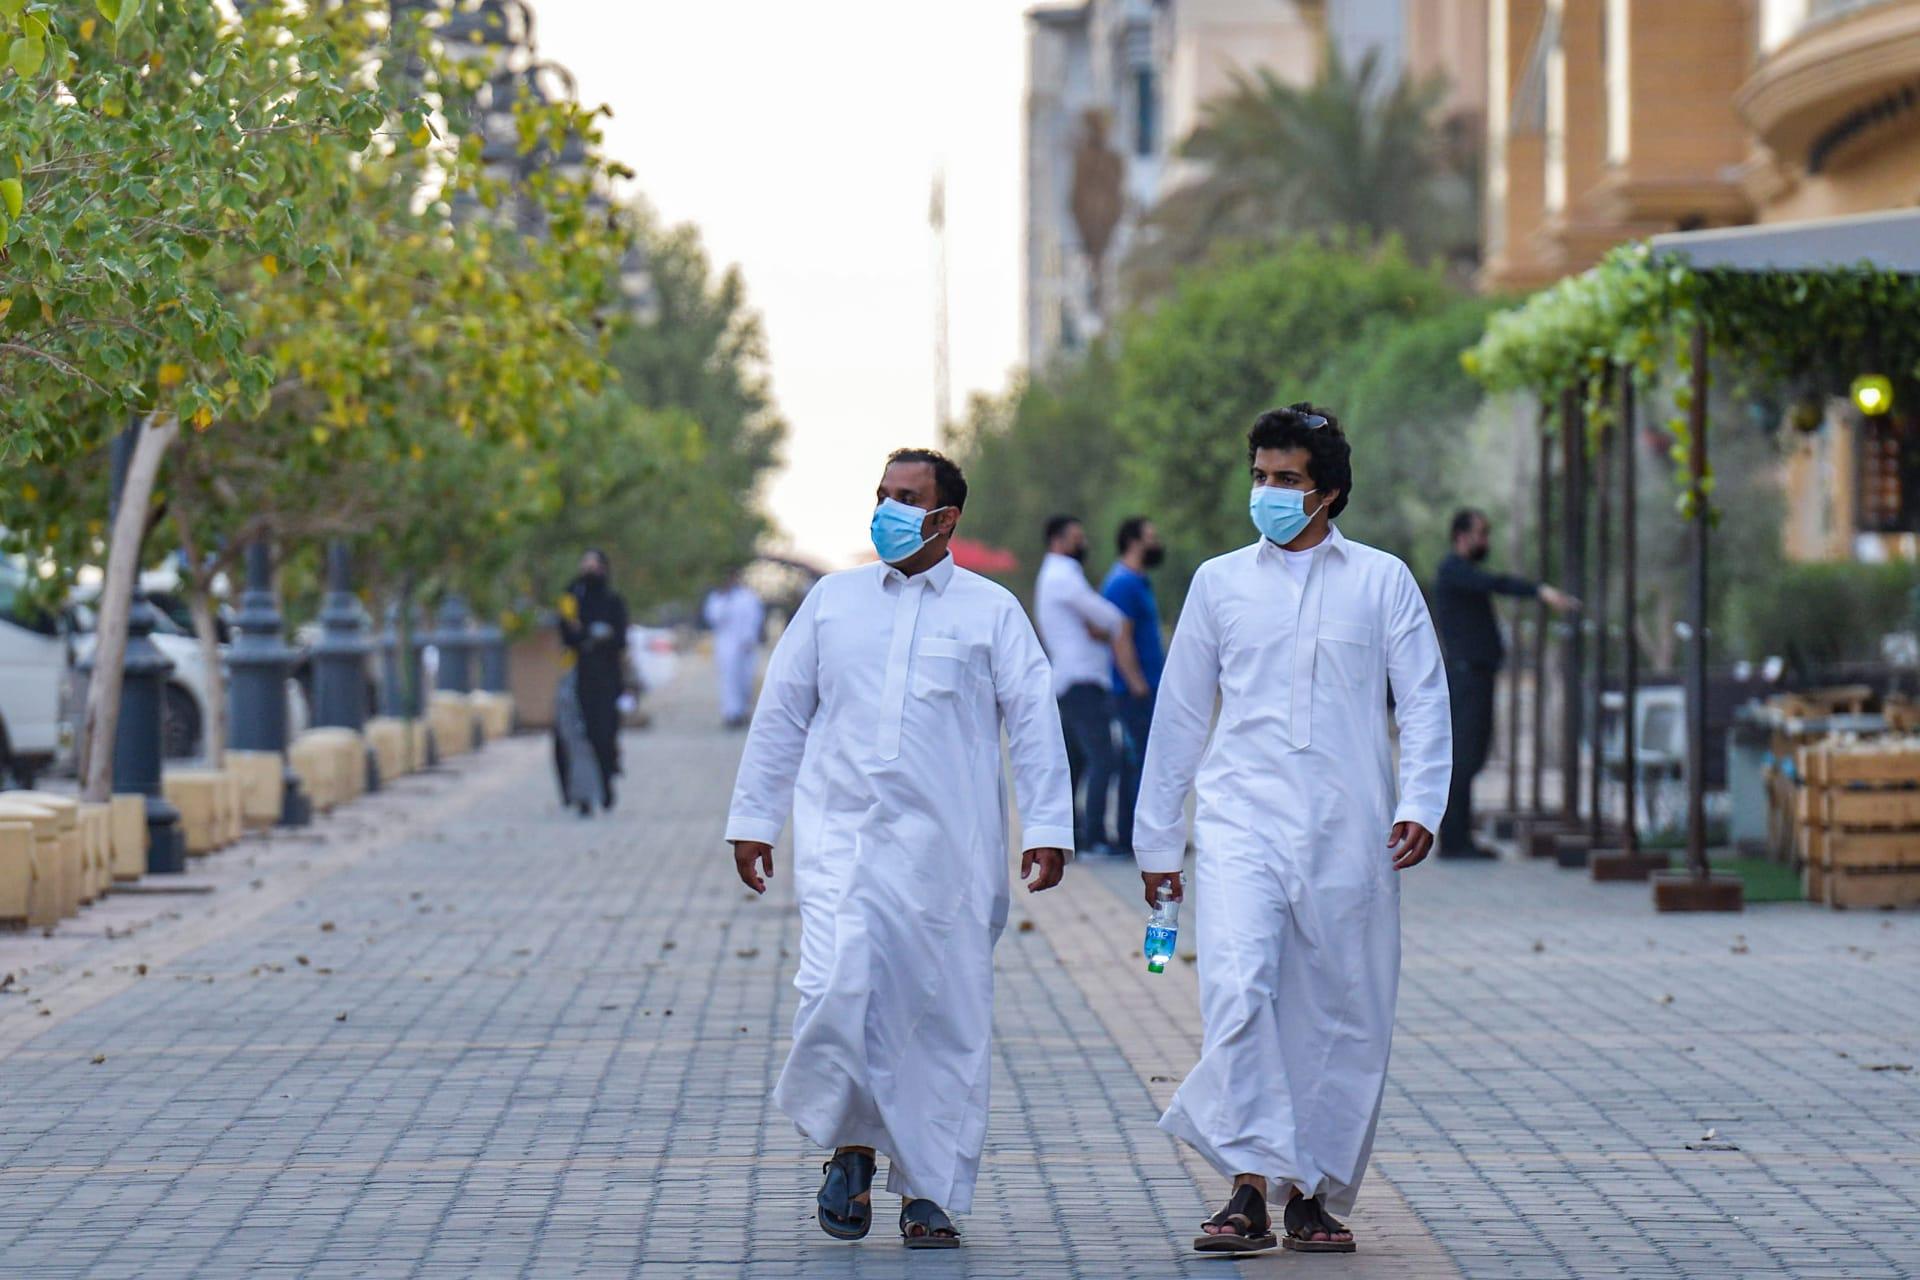 ما الذي يجذب الكفاءات السعودية في وظائفهم؟